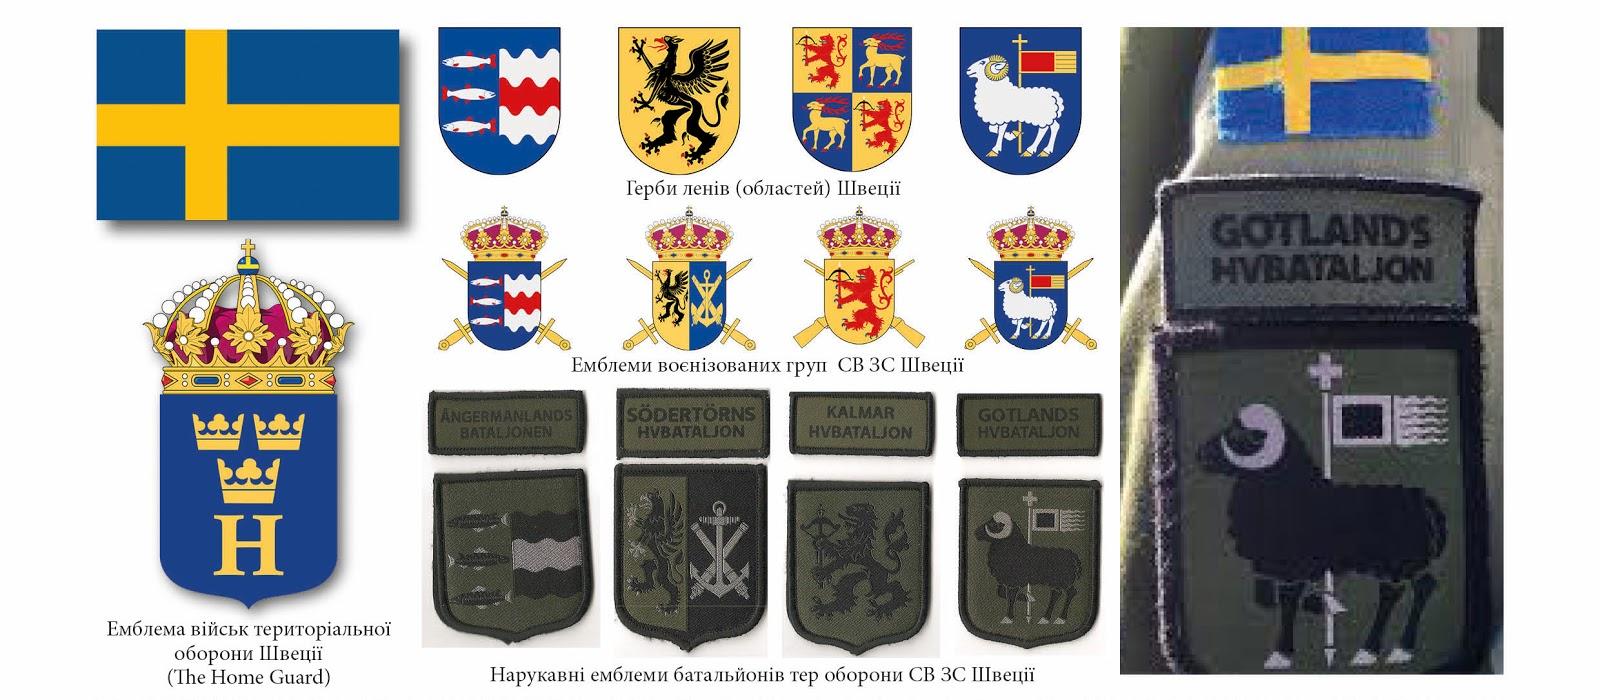 нарукавні емблеми тероборони ЗС Швеції